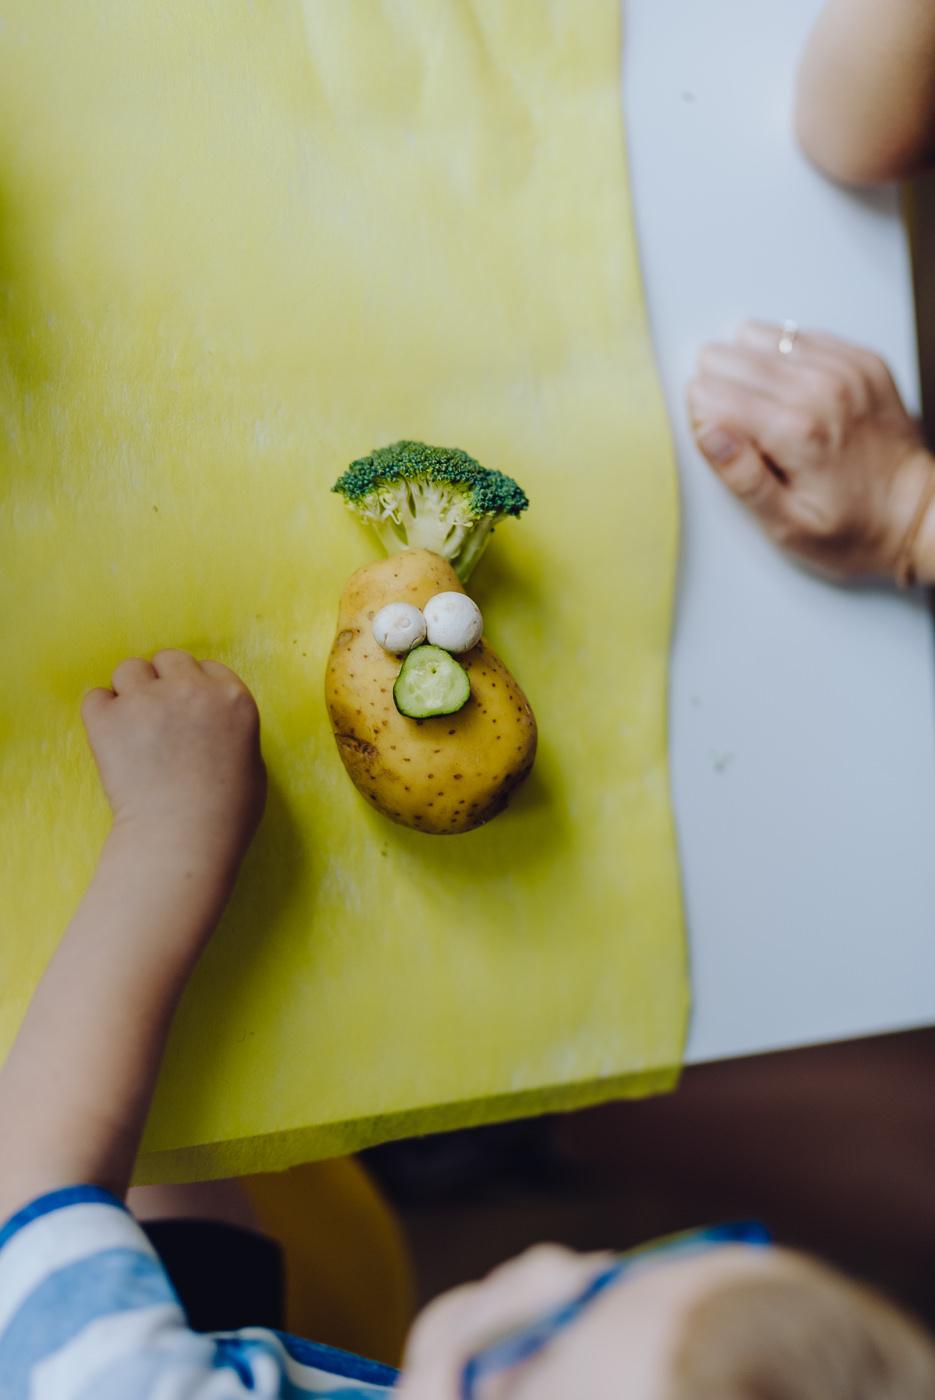 Zajęcia z ziemniakiem